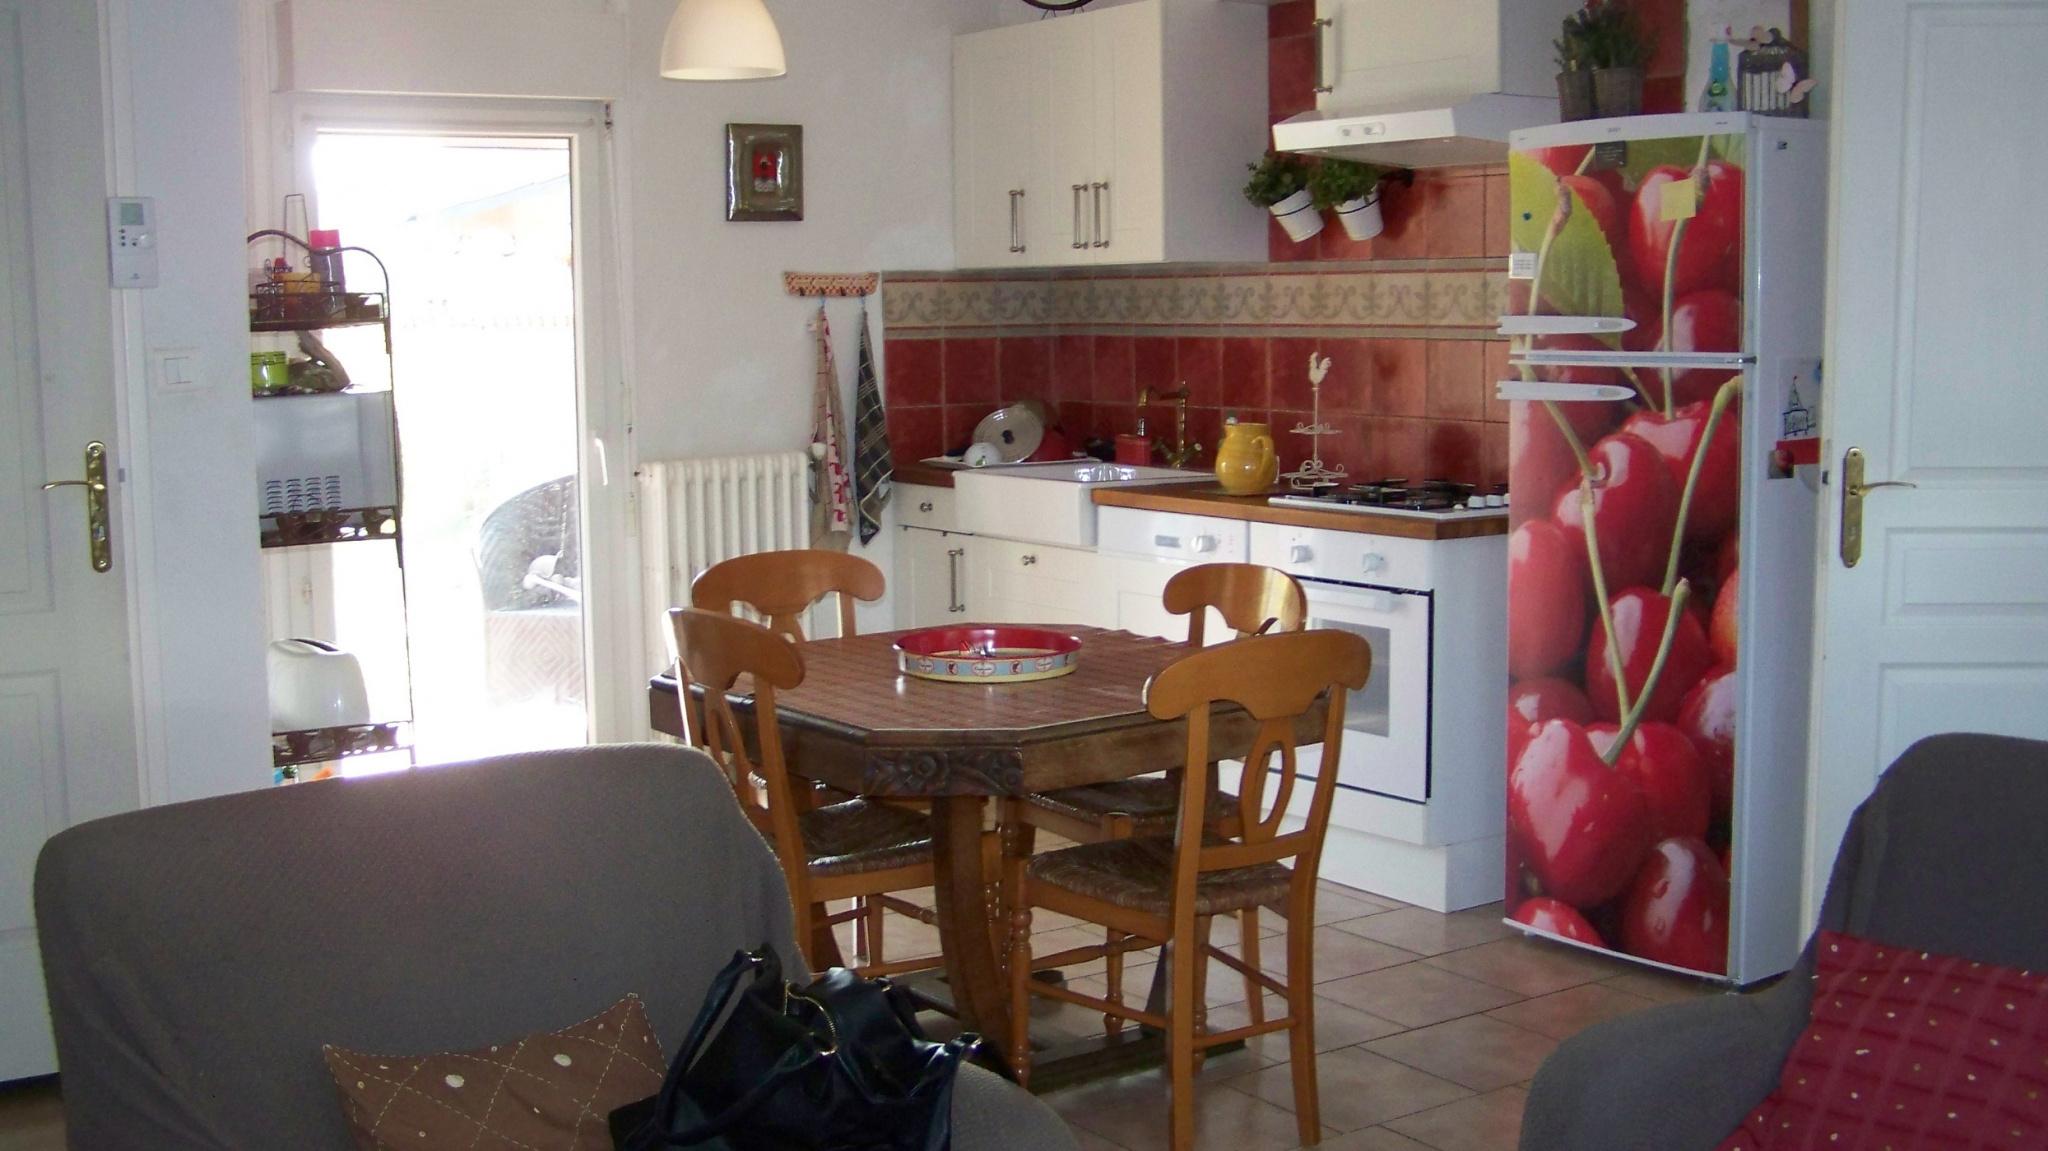 Vente carcassonne maison chambres bureau salle d eau et